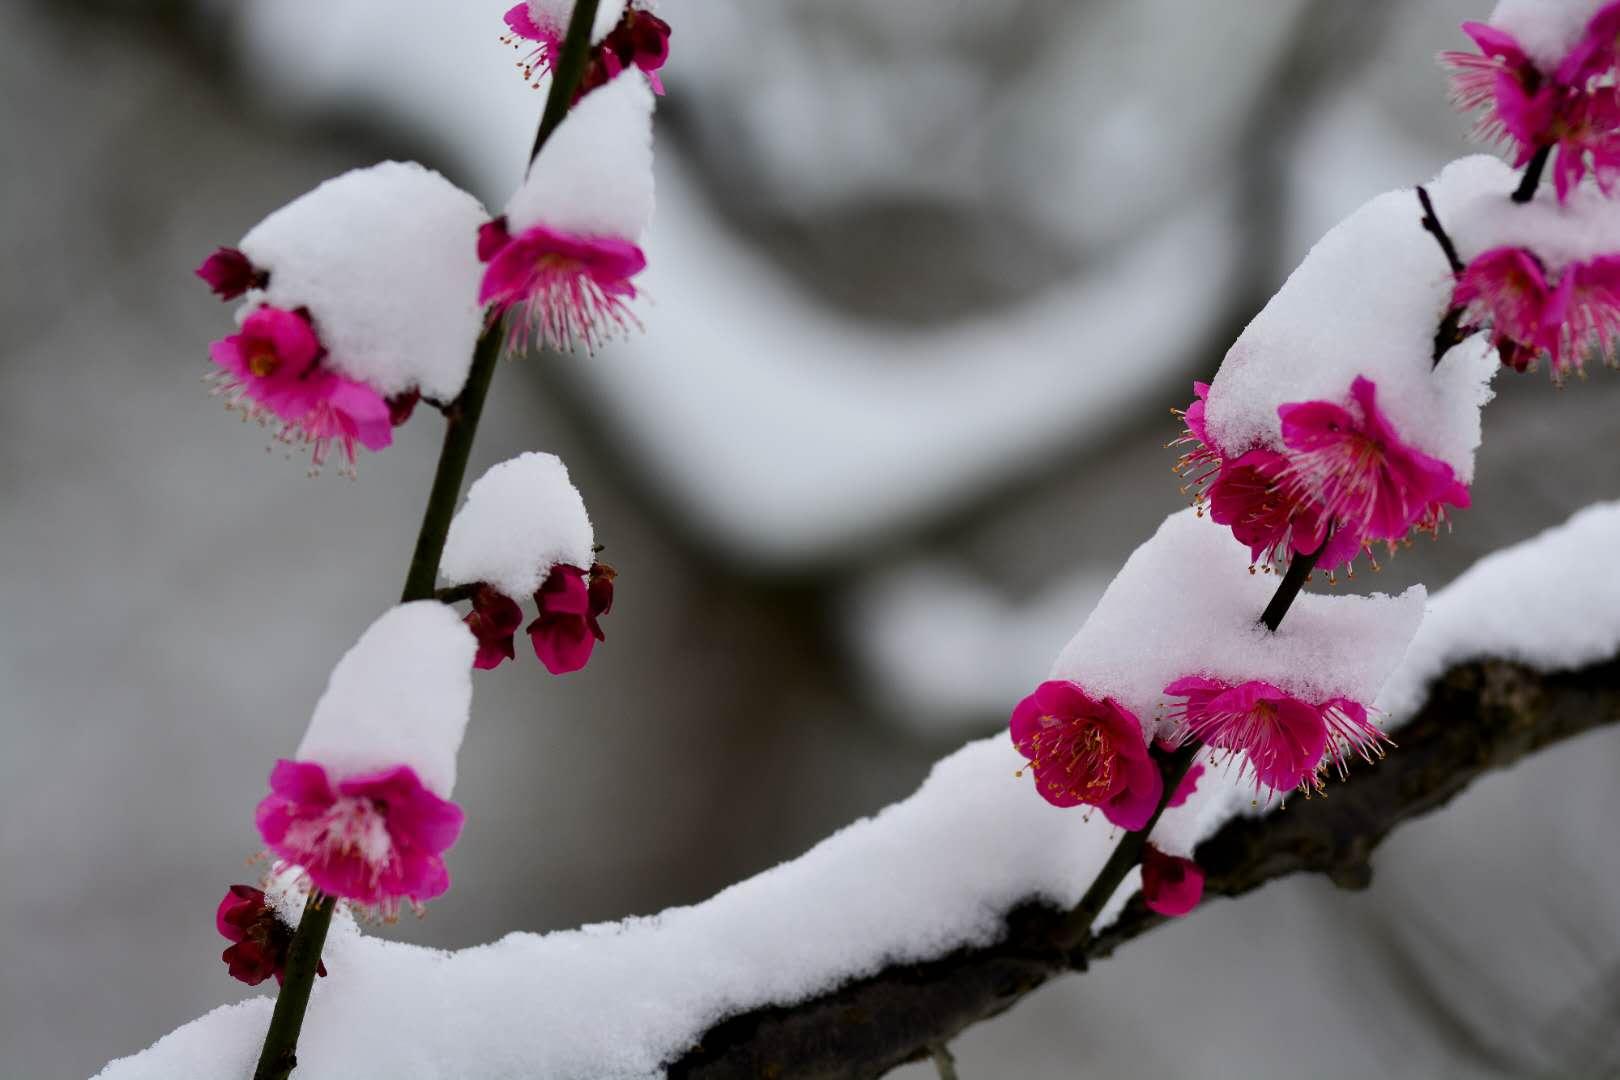 下雪的时候